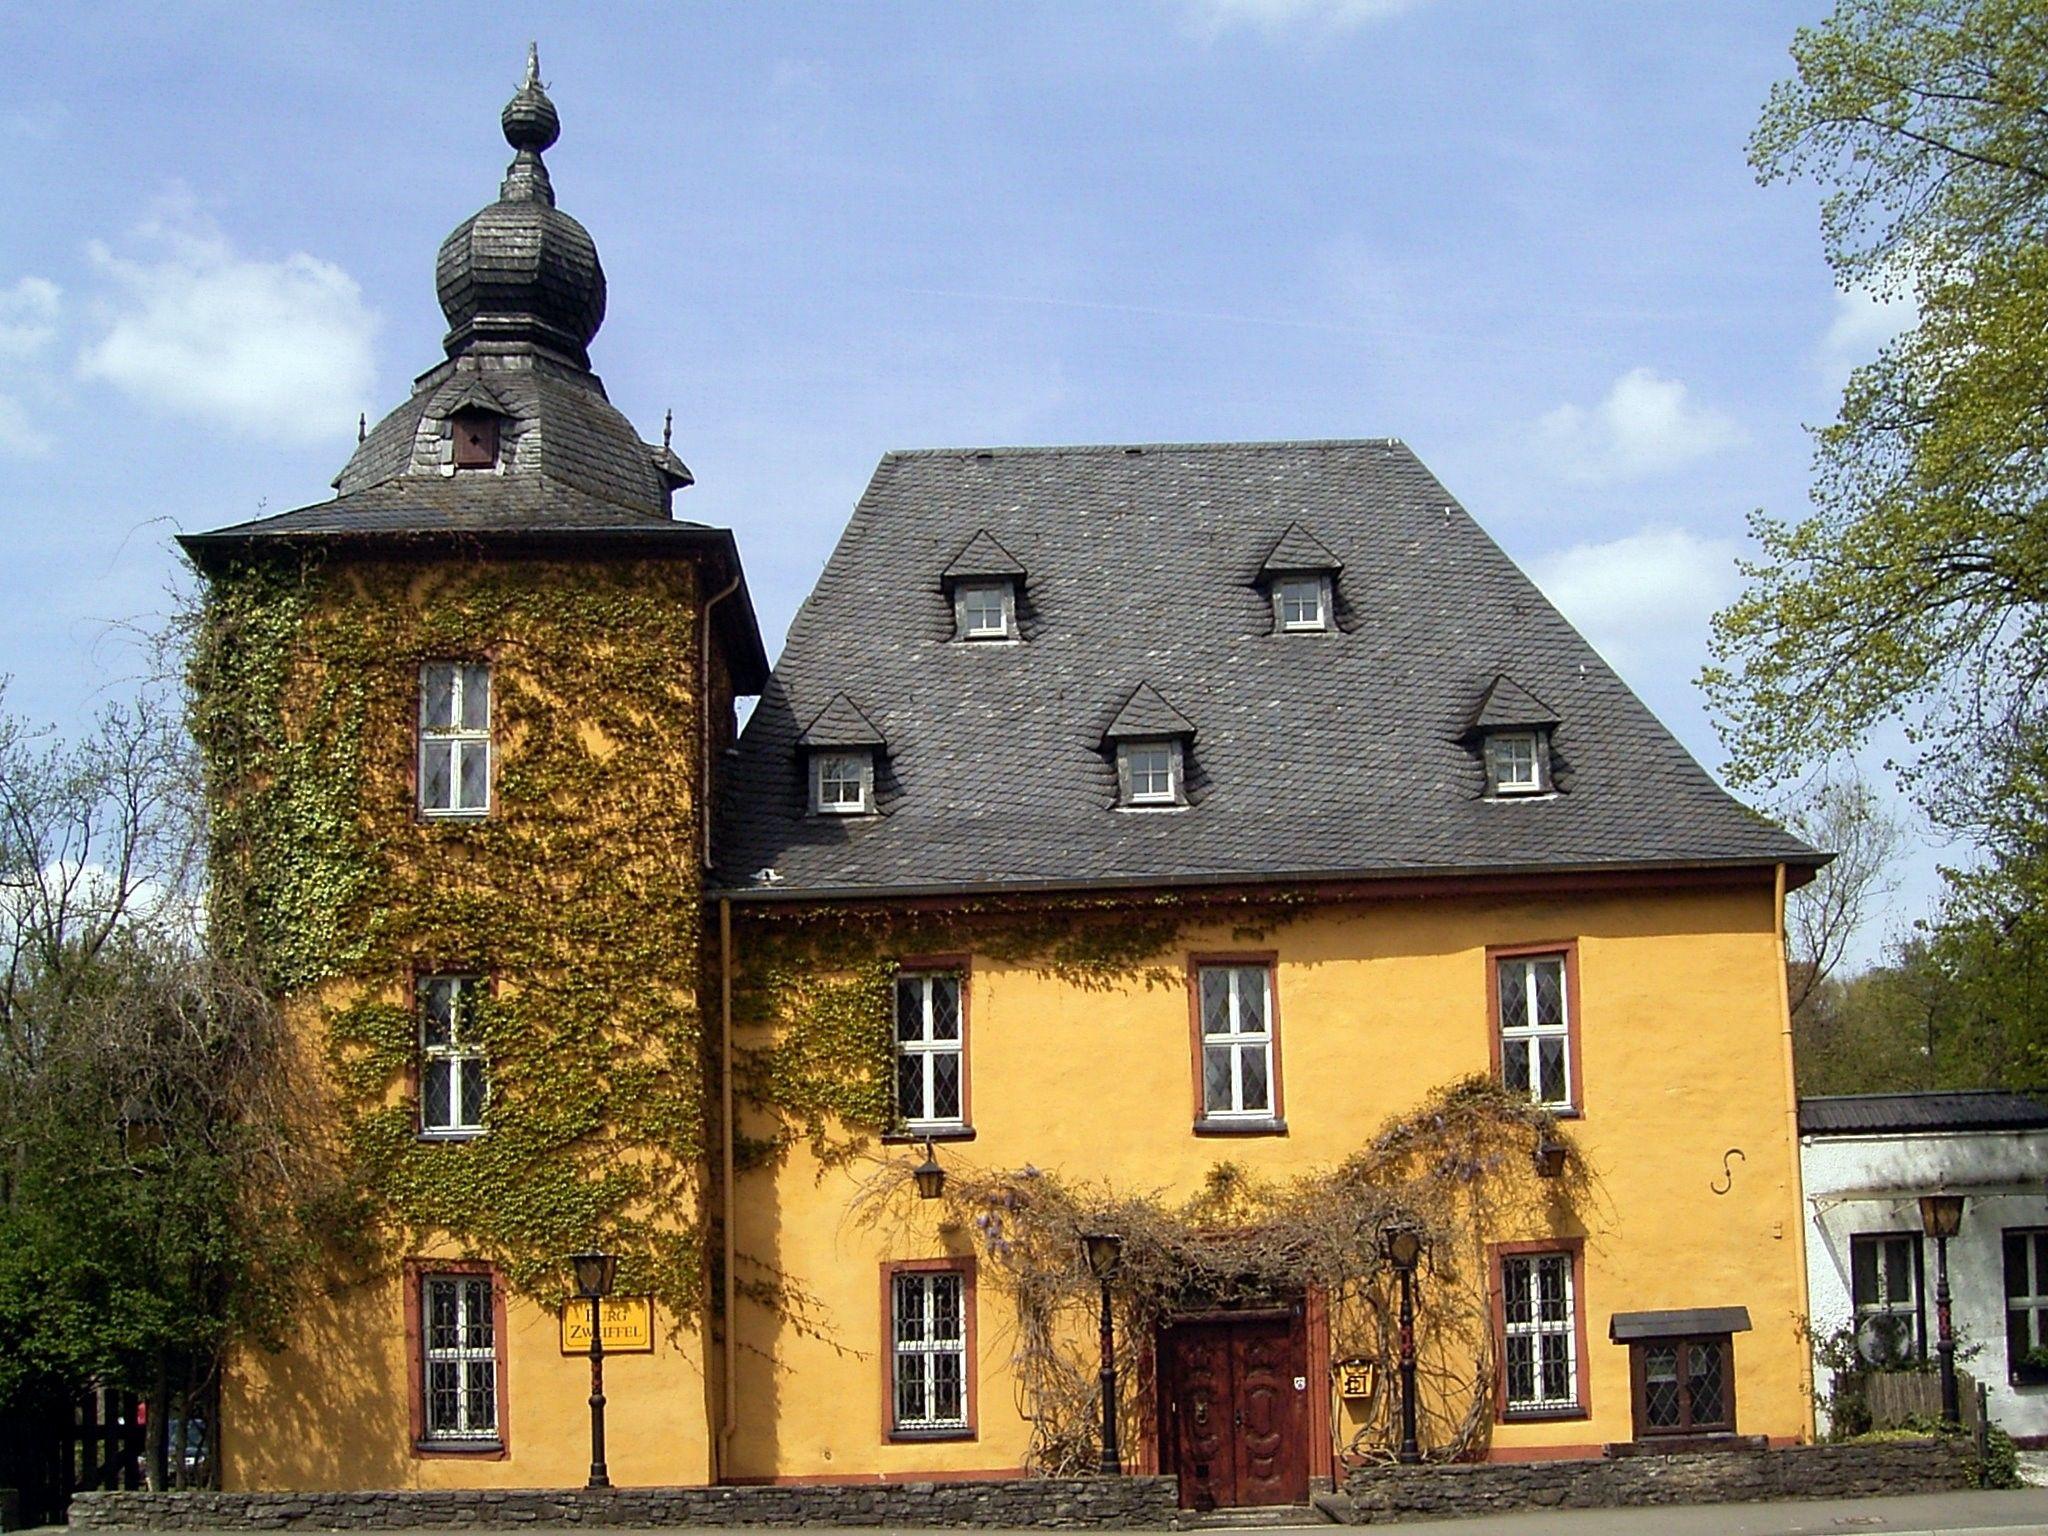 Burg Zweiffel Bergisch Gladbach Herrenstrunden (mit